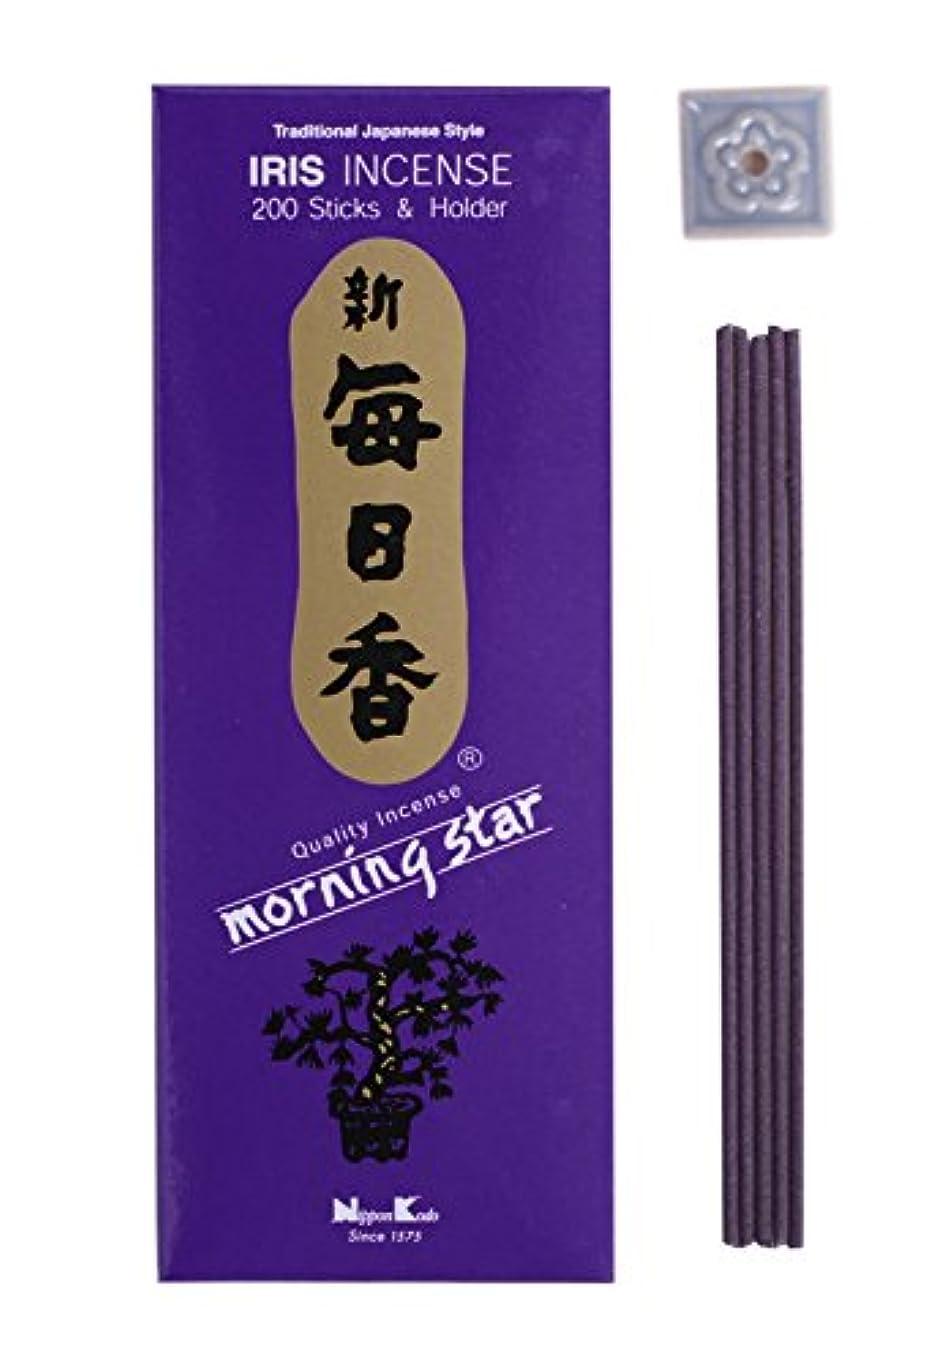 ふりをするダイアクリティカル知るMorning Star – アイリス200 Sticks